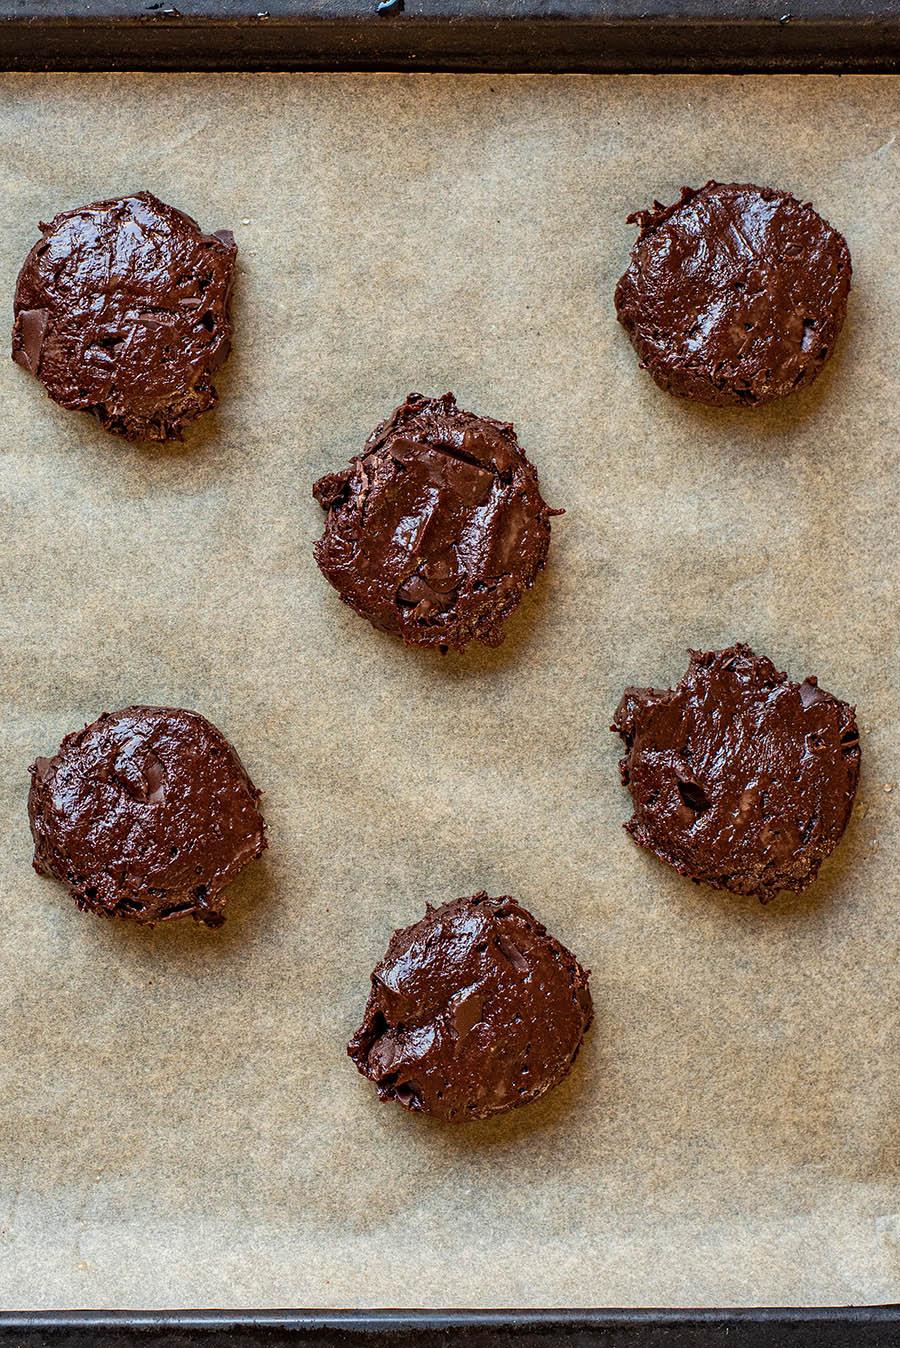 Cookies before baking.